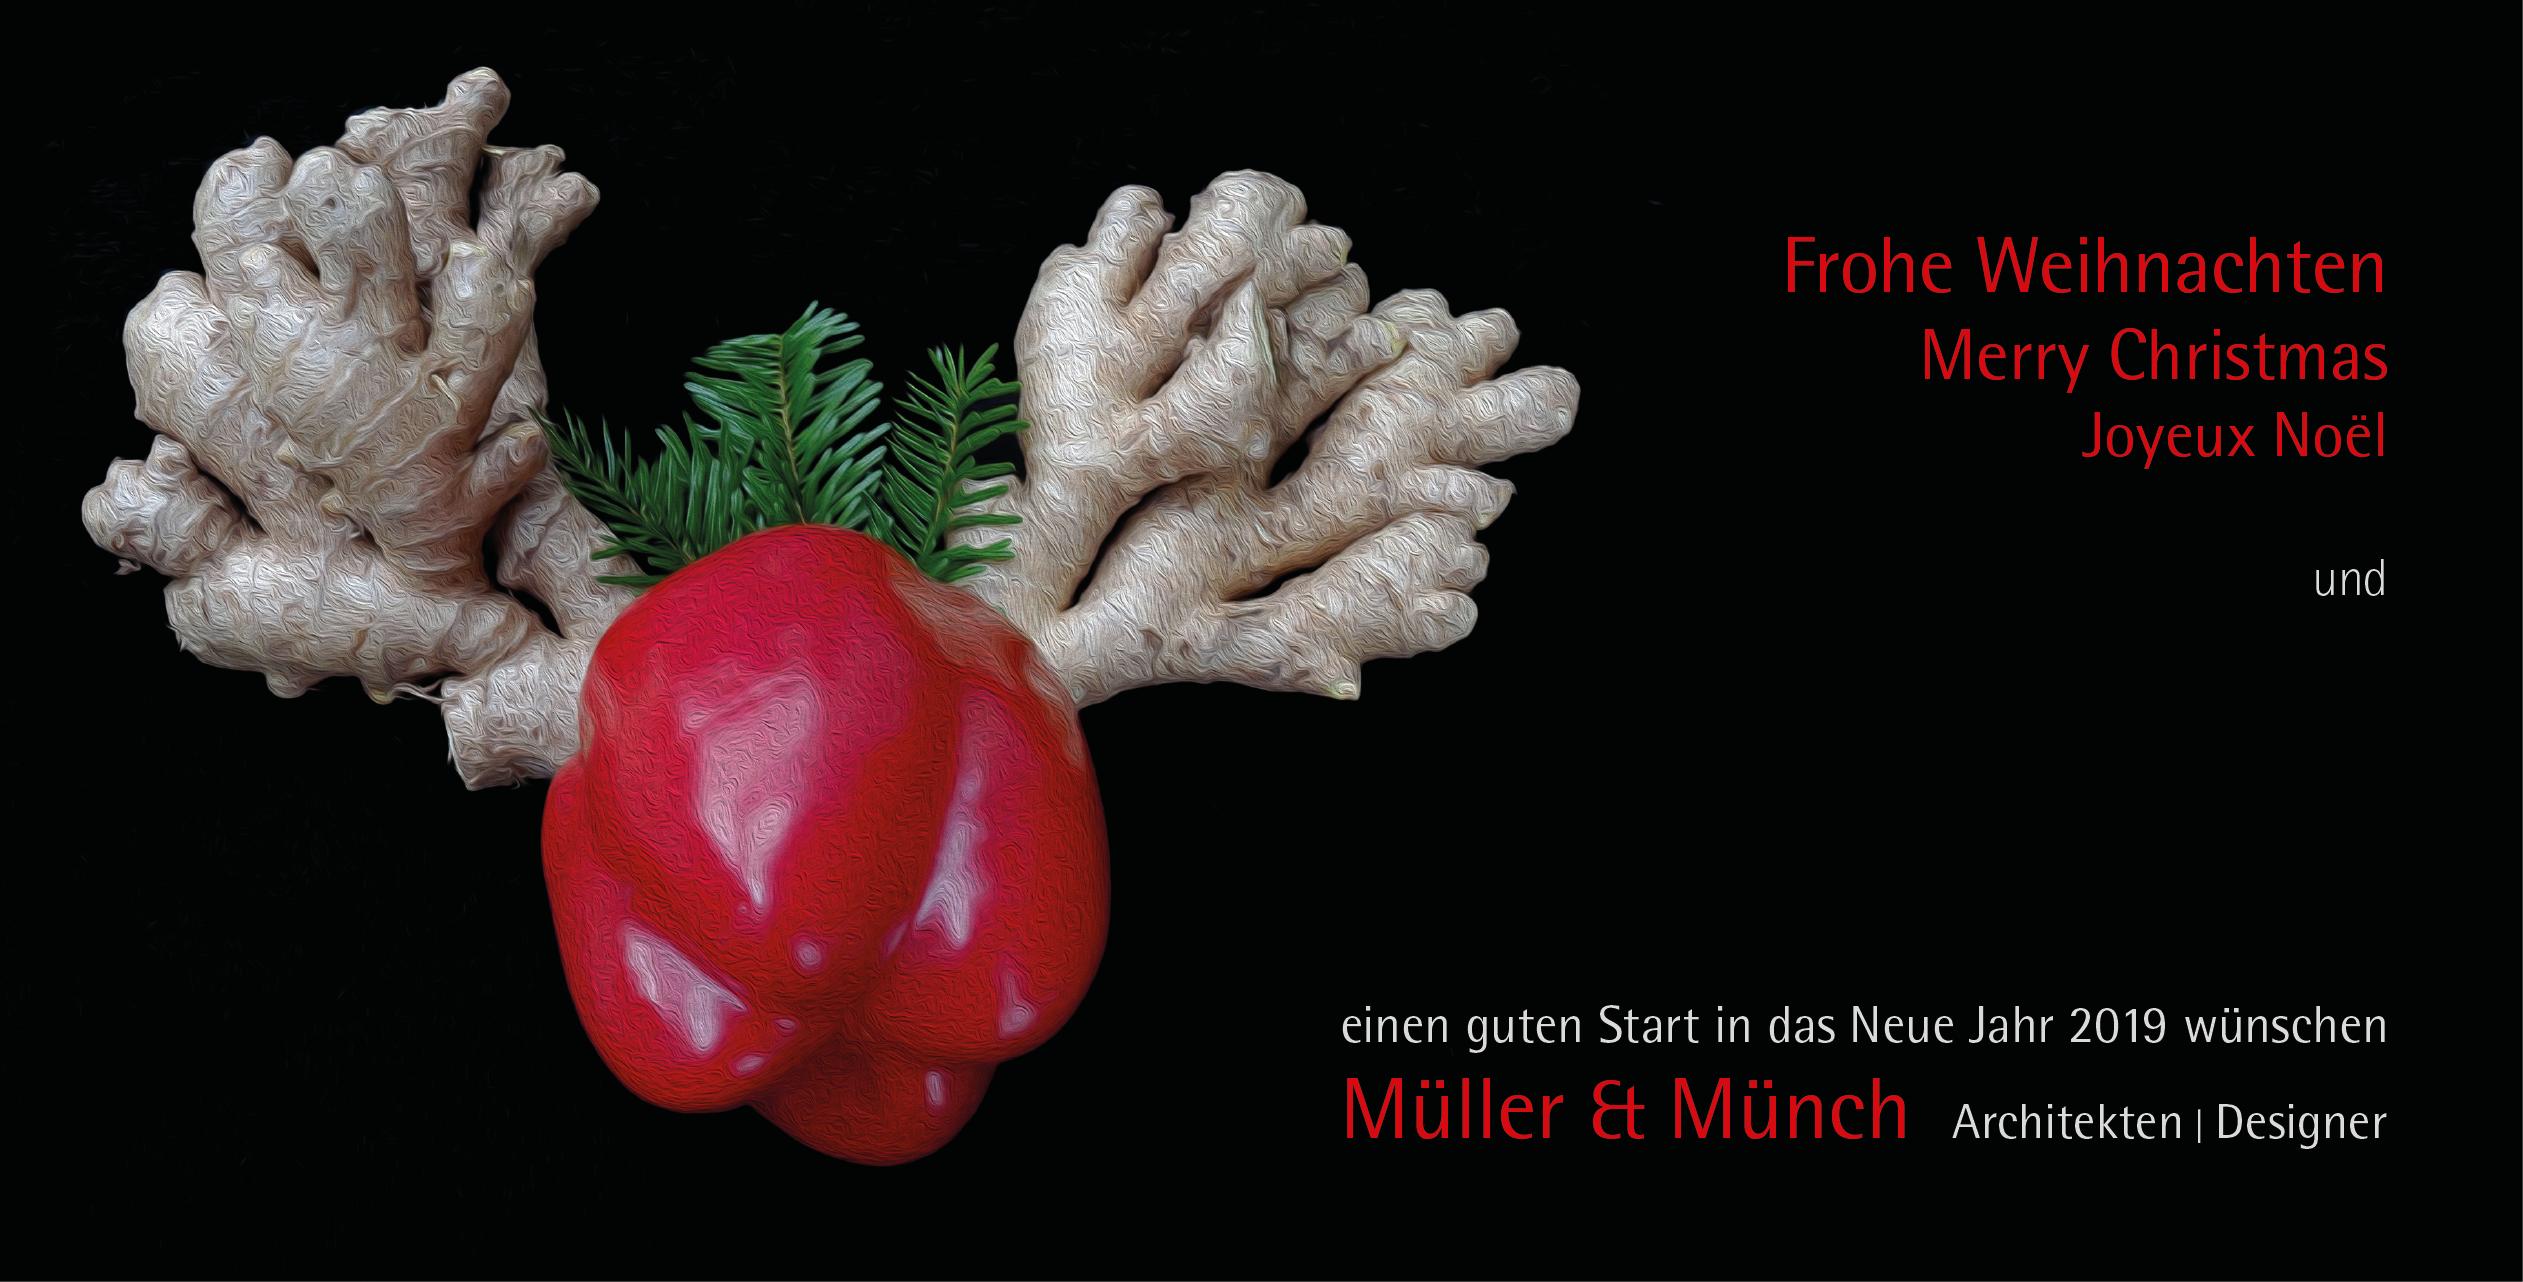 Alles Gute Zum Weihnachten.Frohe Weihnachten Und Alles Gute Fur 2019 Muller Munch